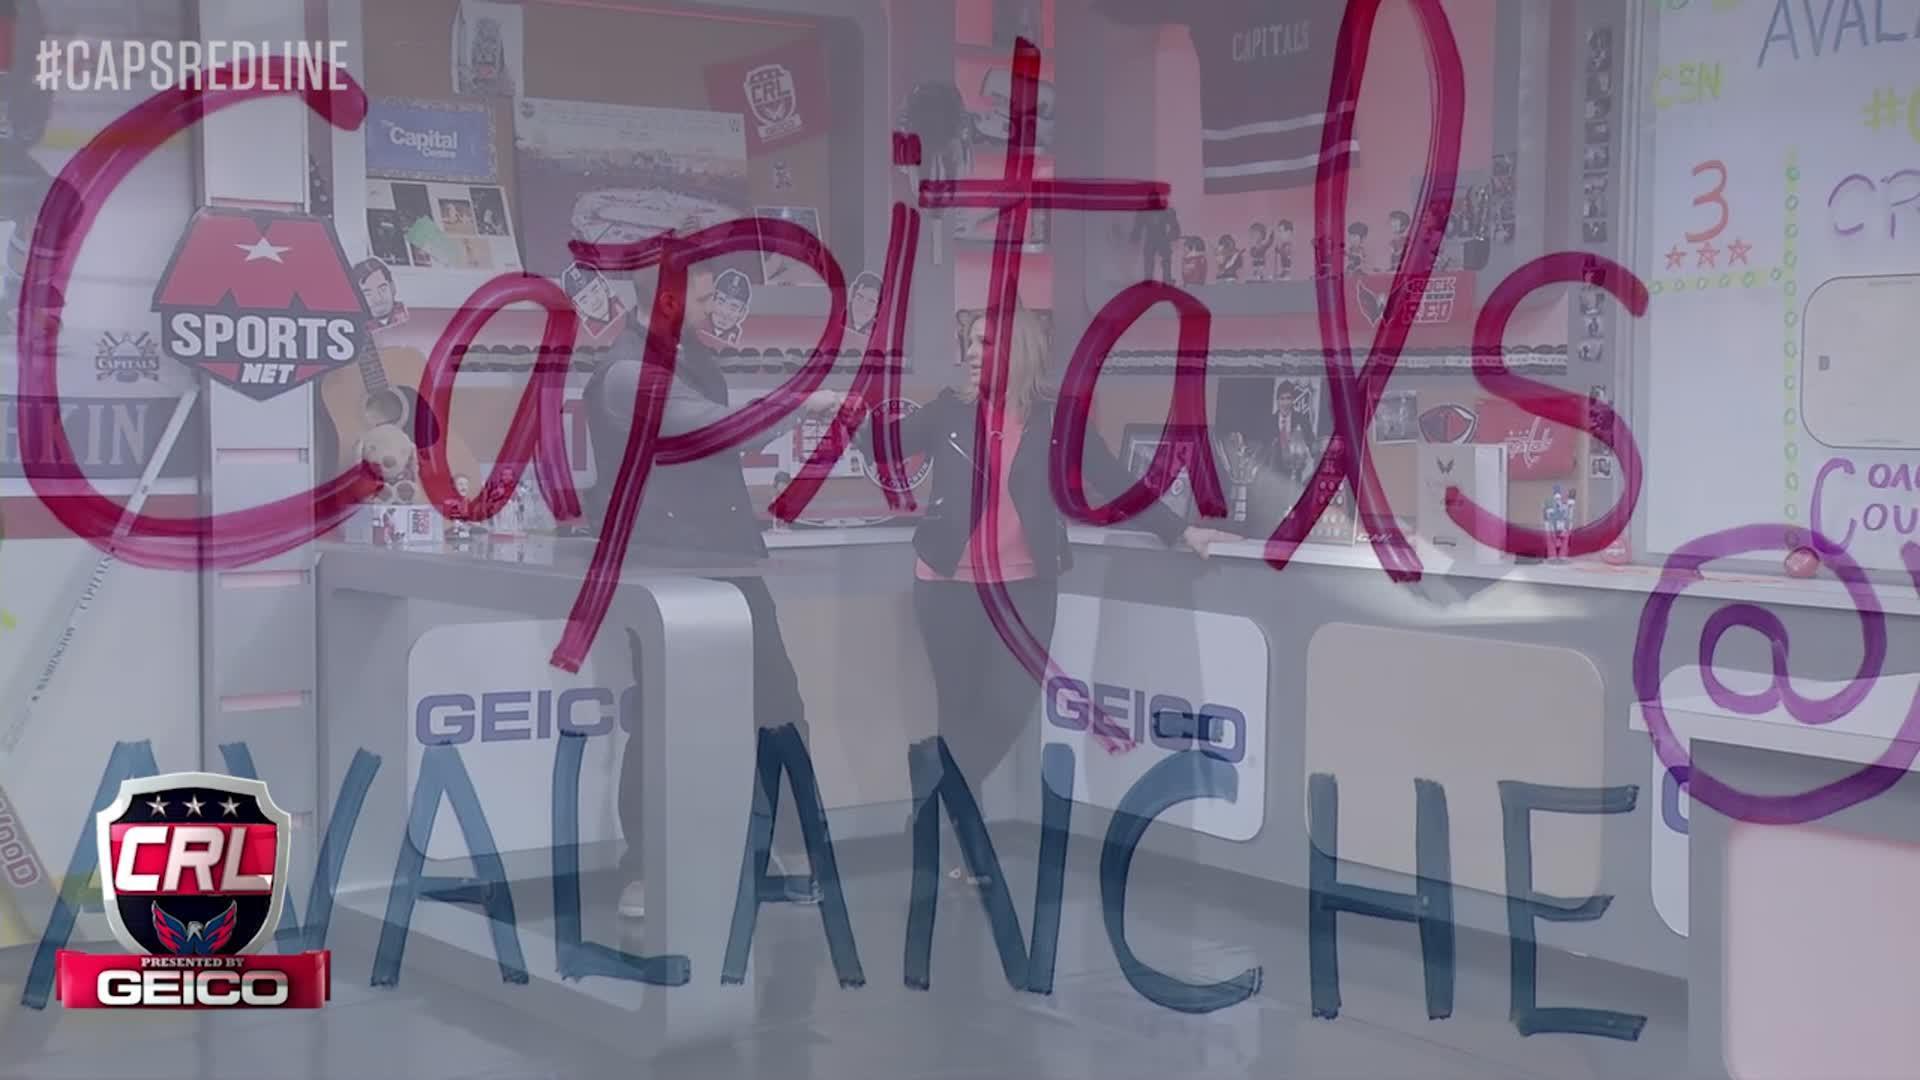 Caps Red Line - #CapsAvs - 3-29-17